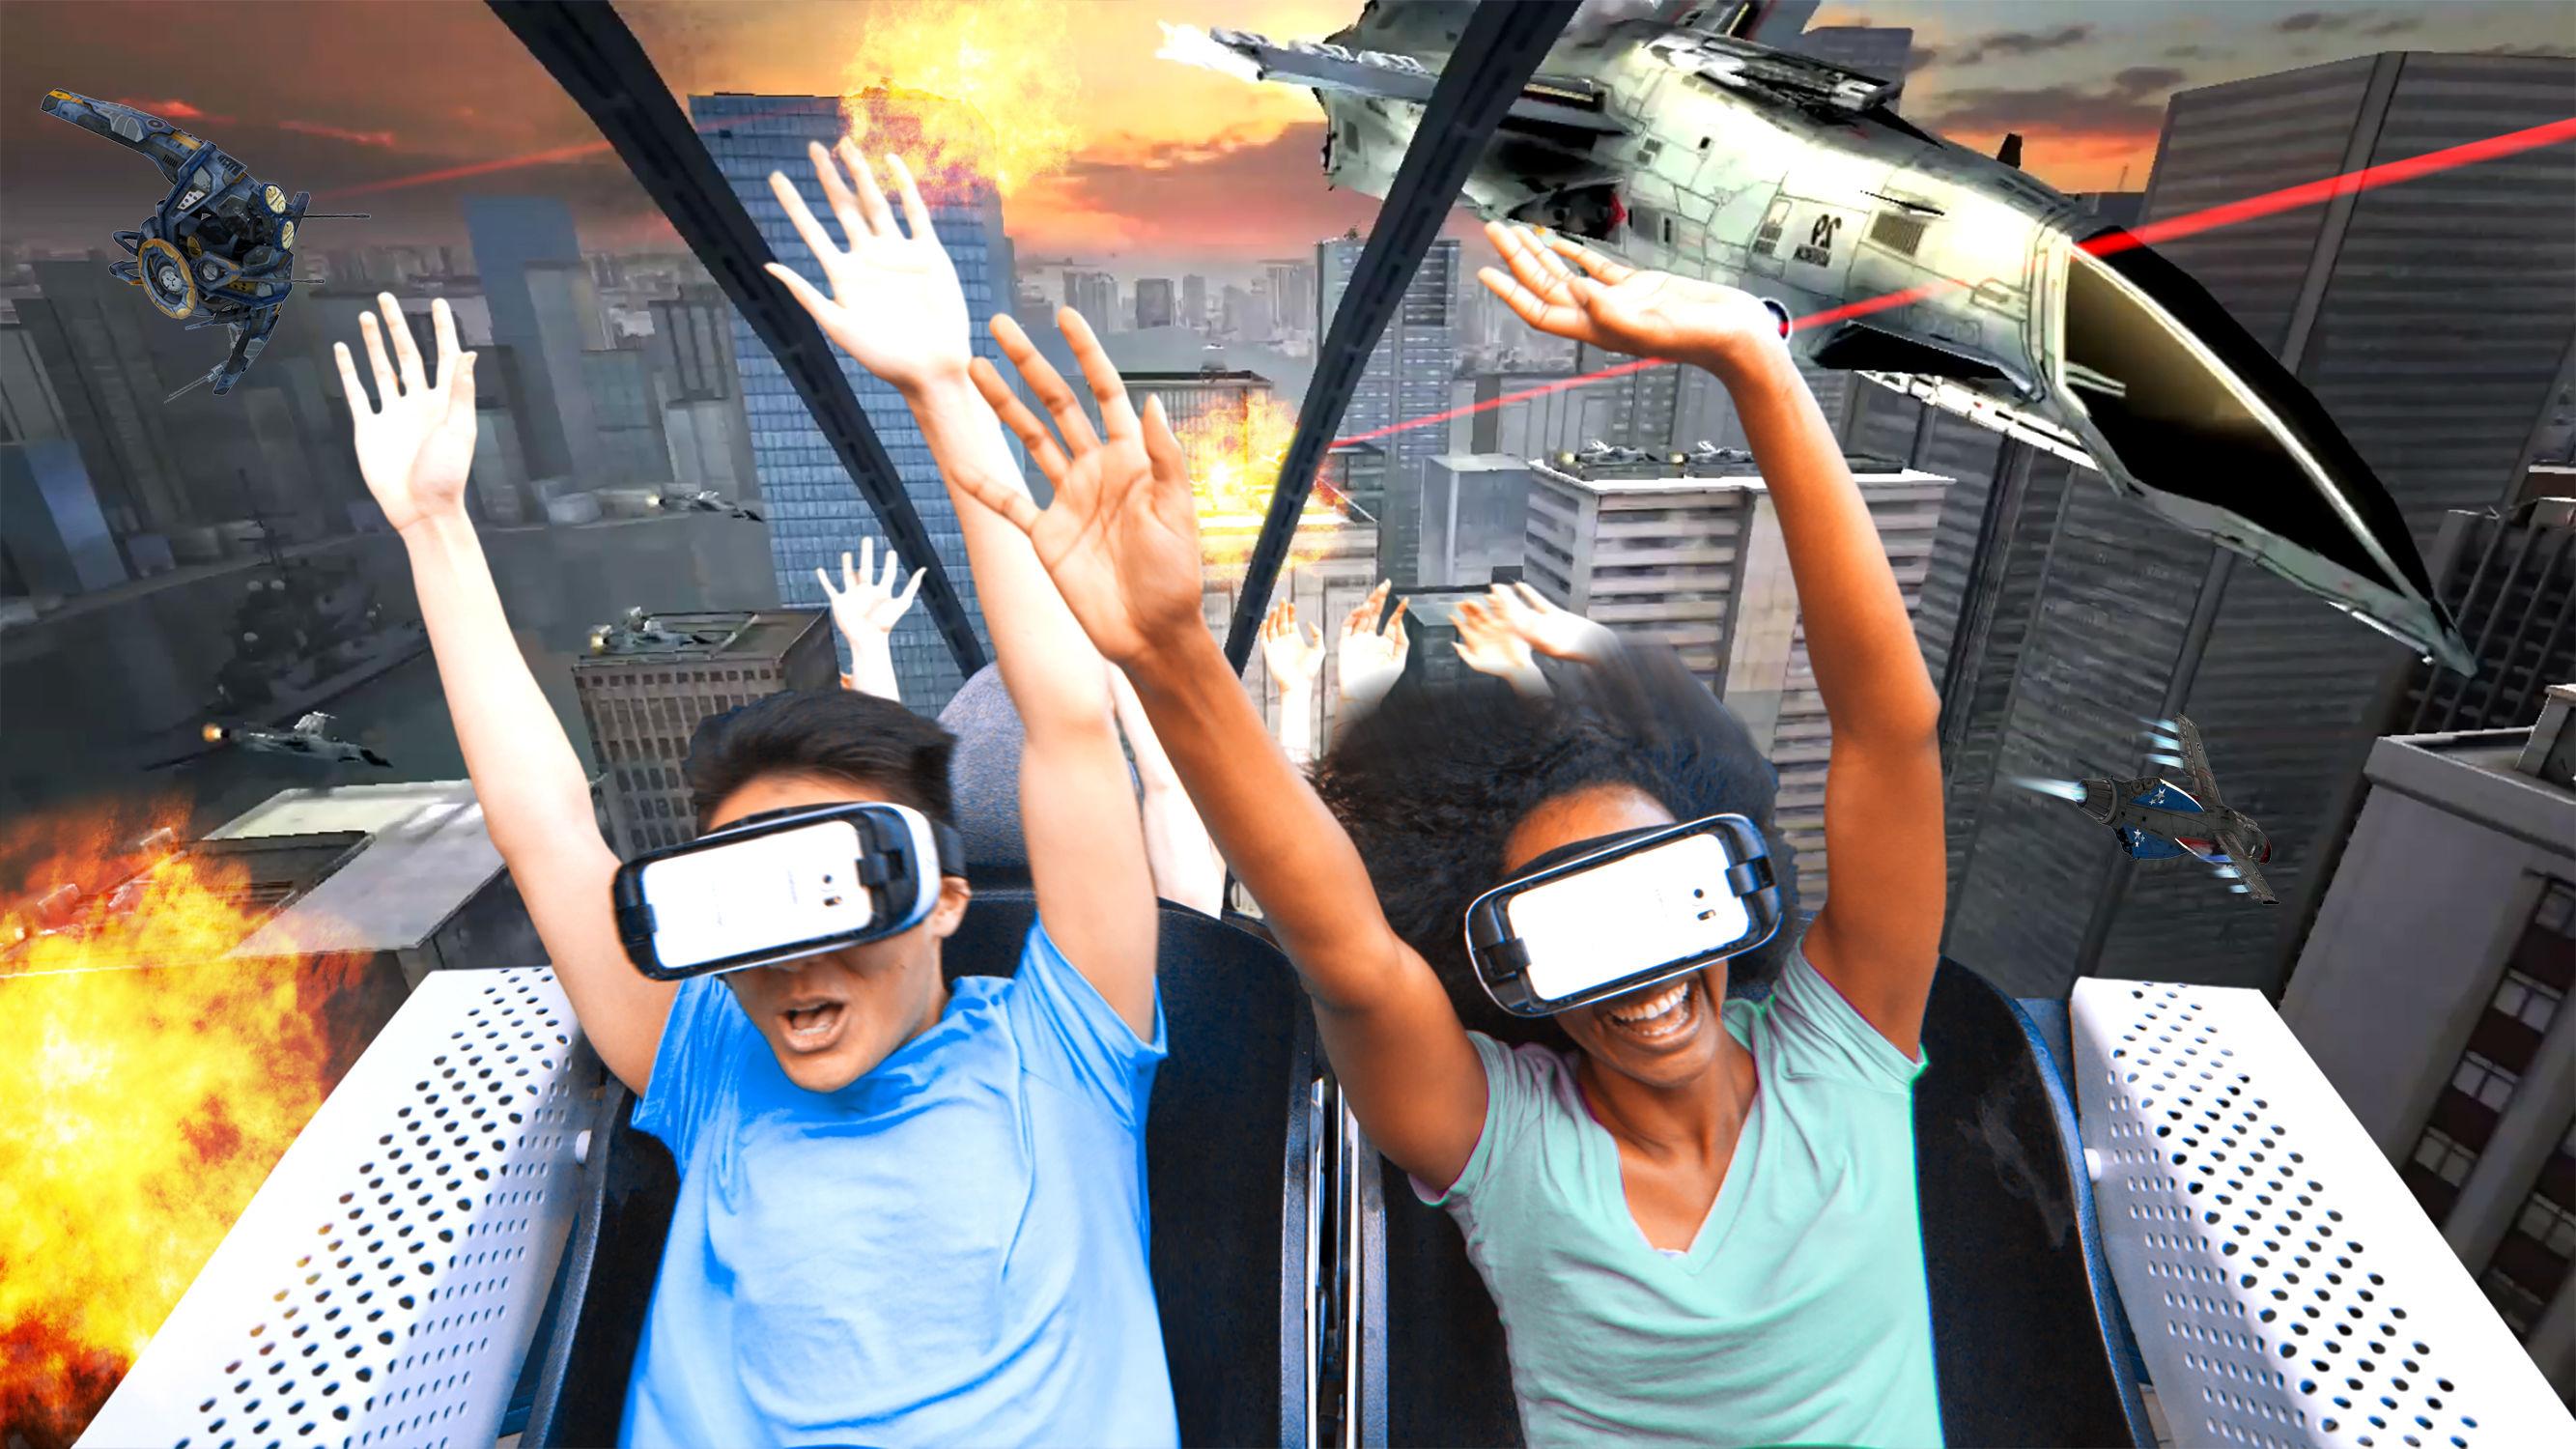 迪士尼们正在老去,主题公园迎来 VR 时代